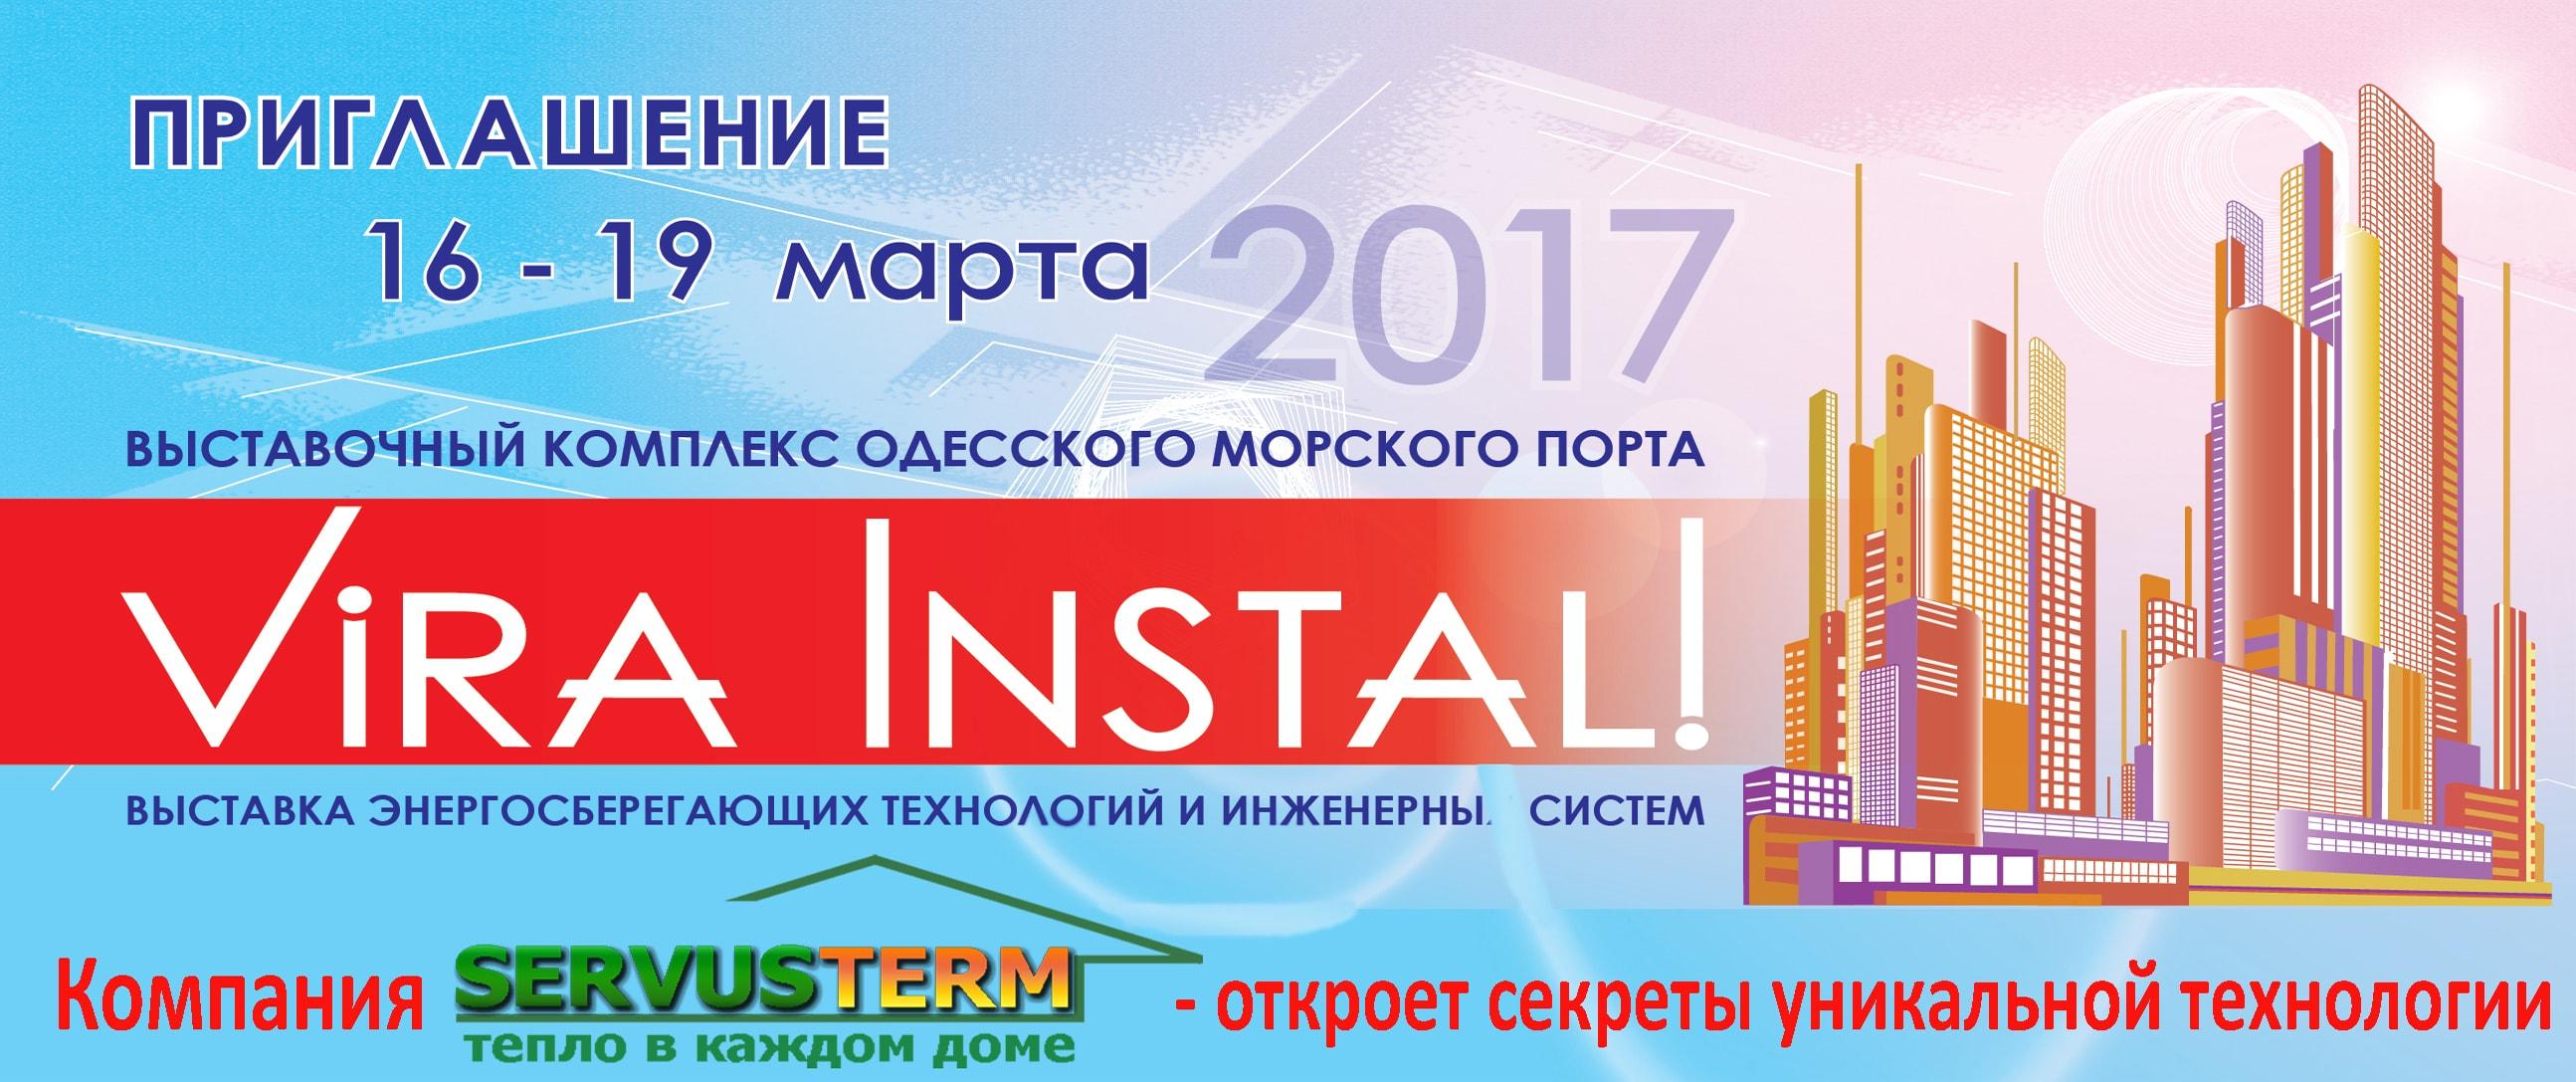 servusterm&Vira_Instal_2017-03-16vistavka